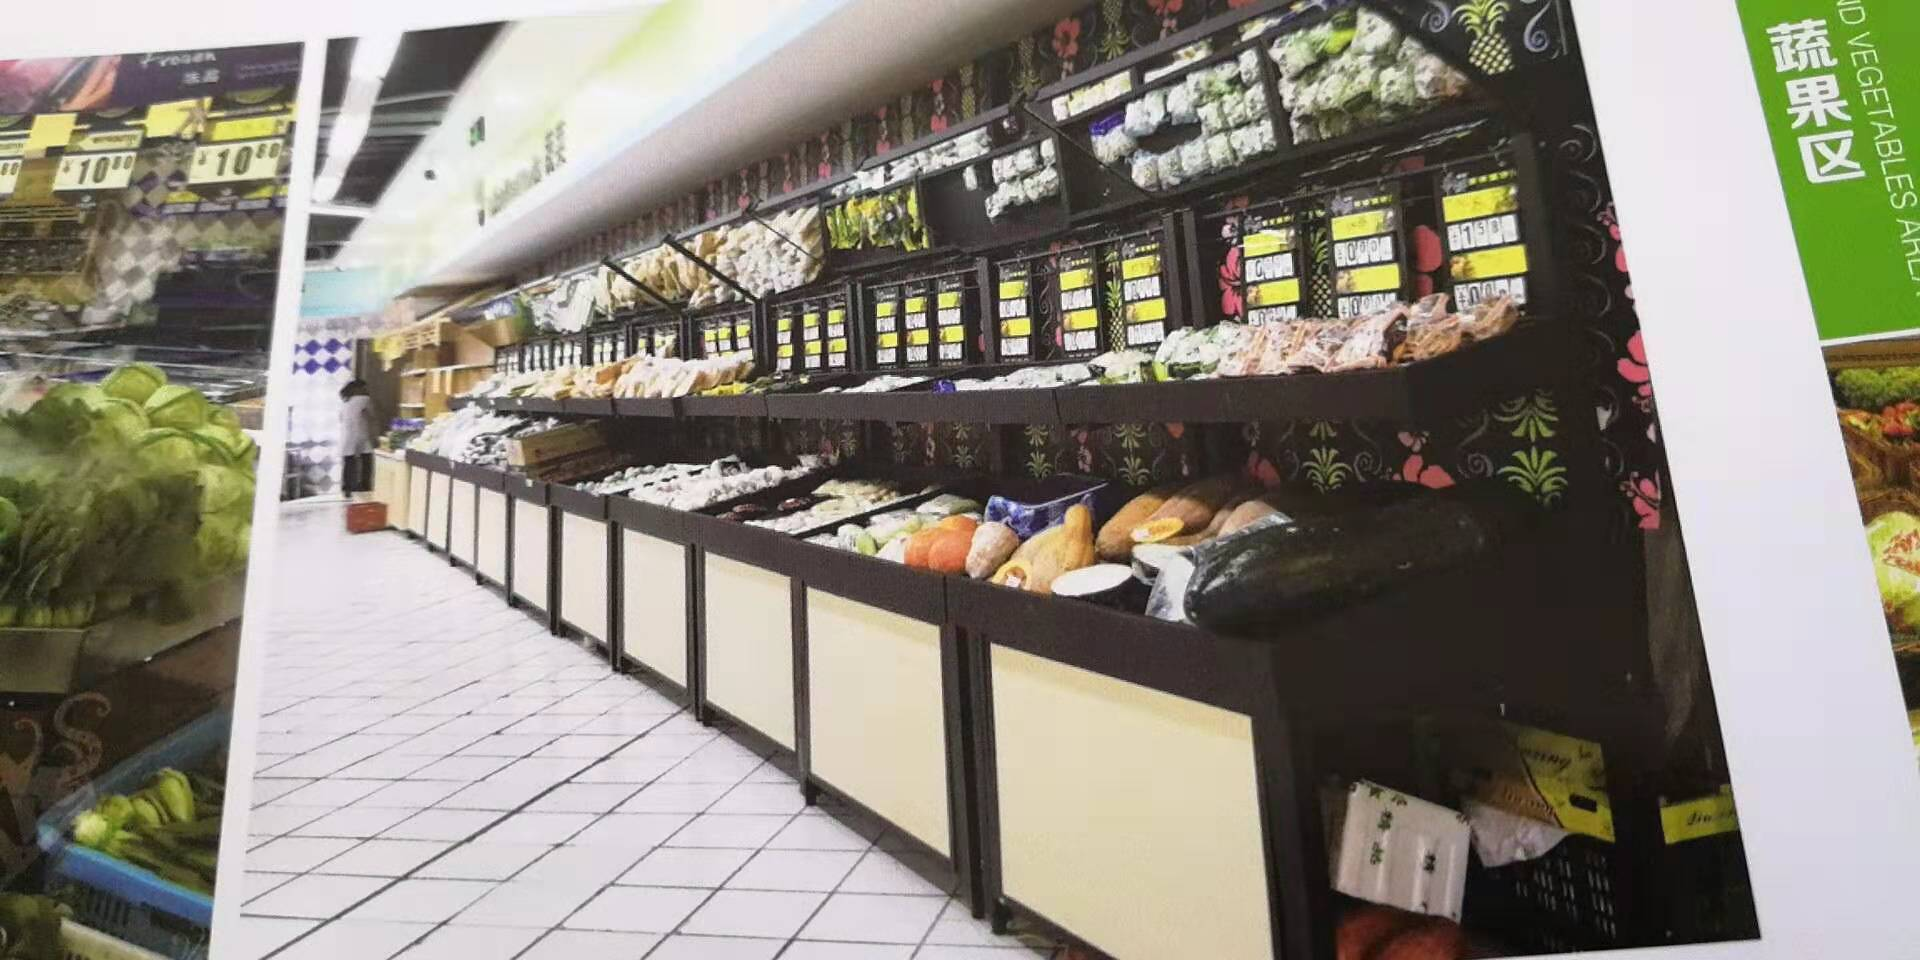 果蔬架价格-银川宁夏果蔬架专业品质